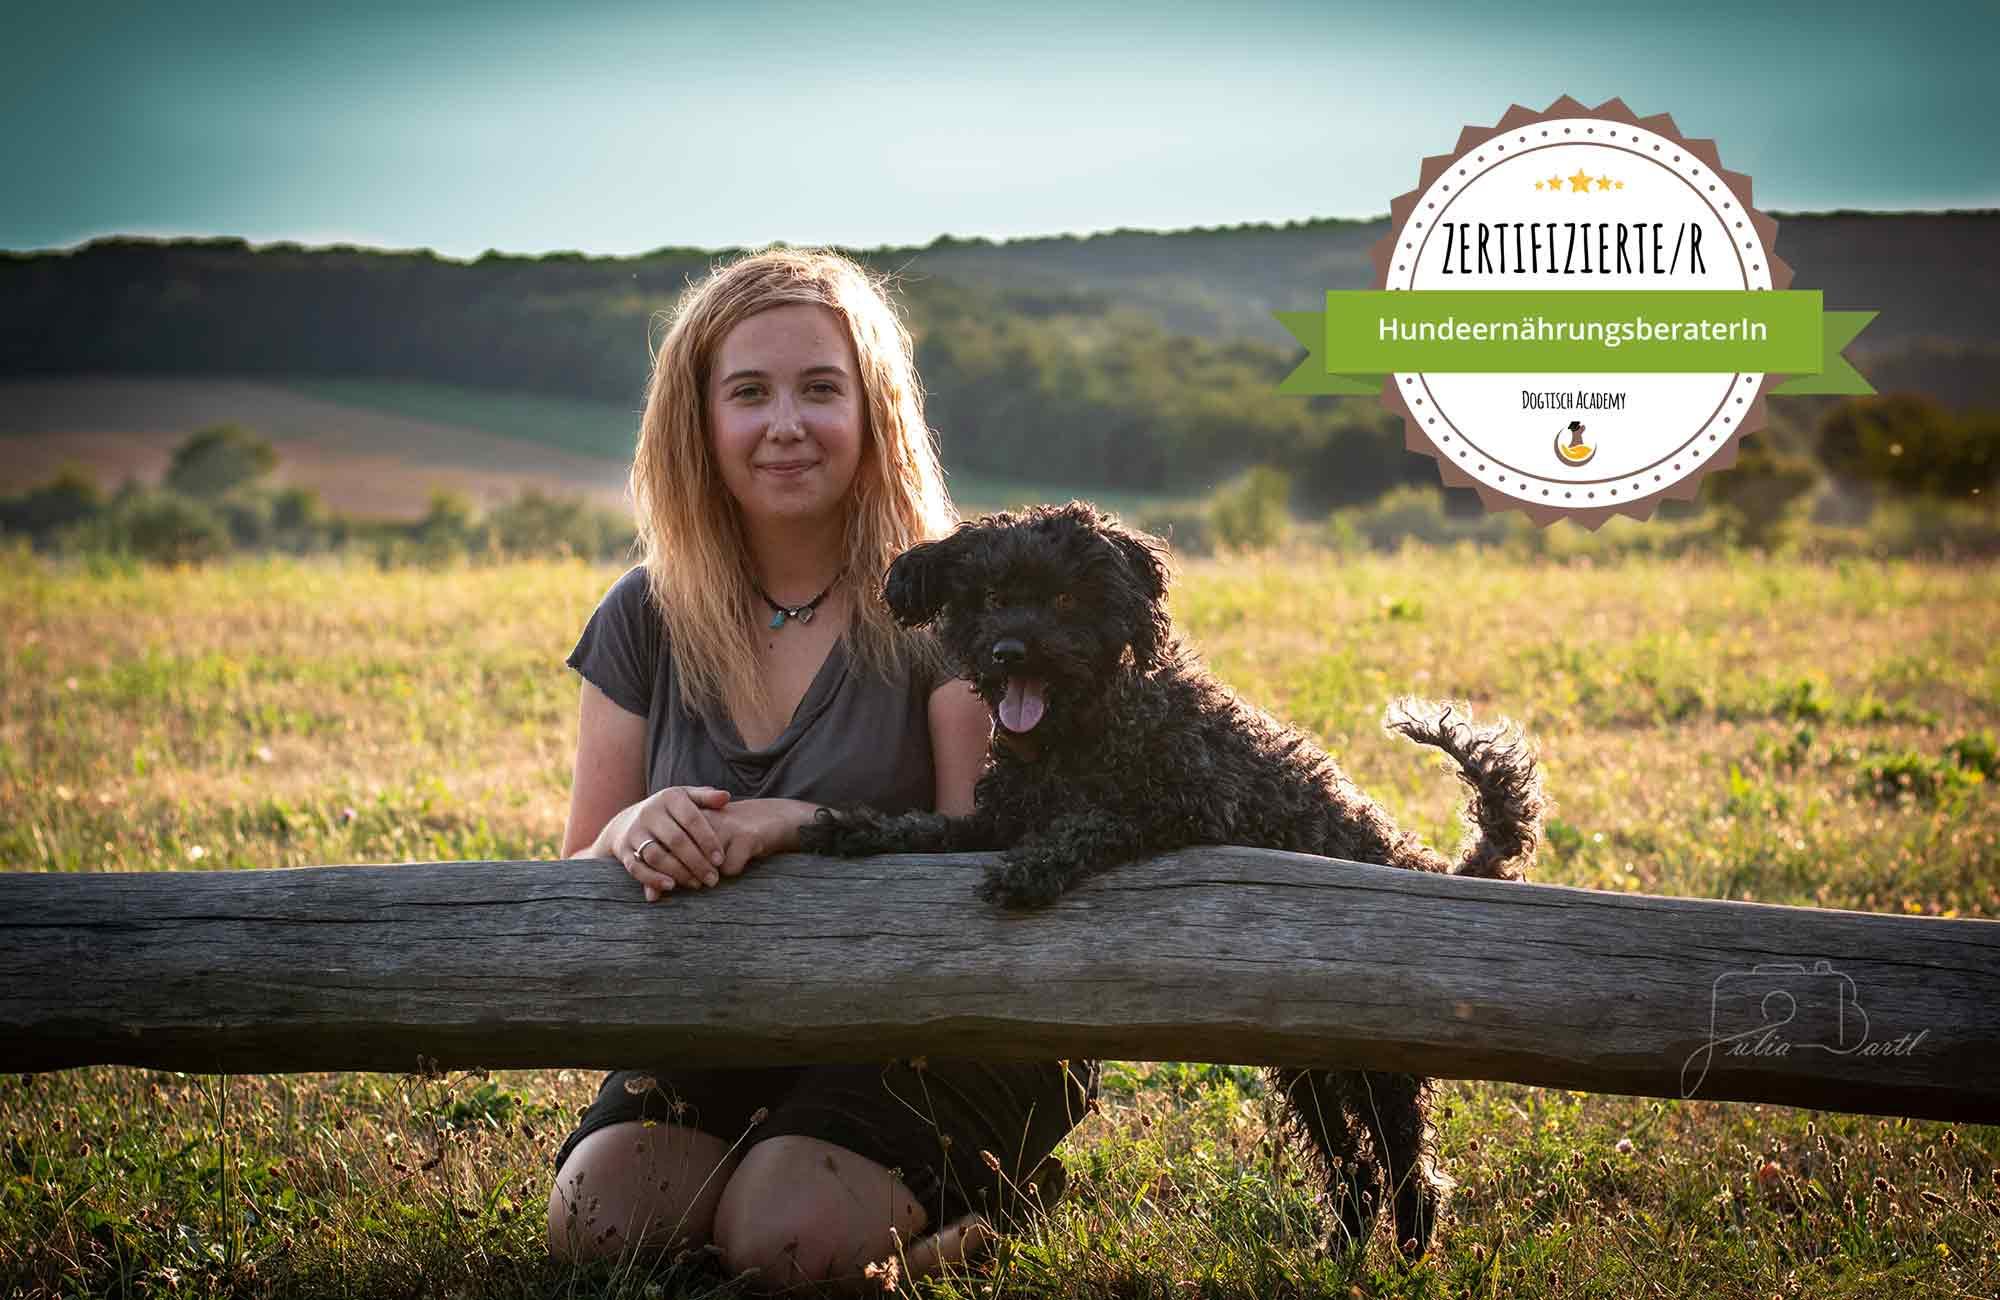 Tamara Lex mit Hund und Zertifikat Ernährungsberatung